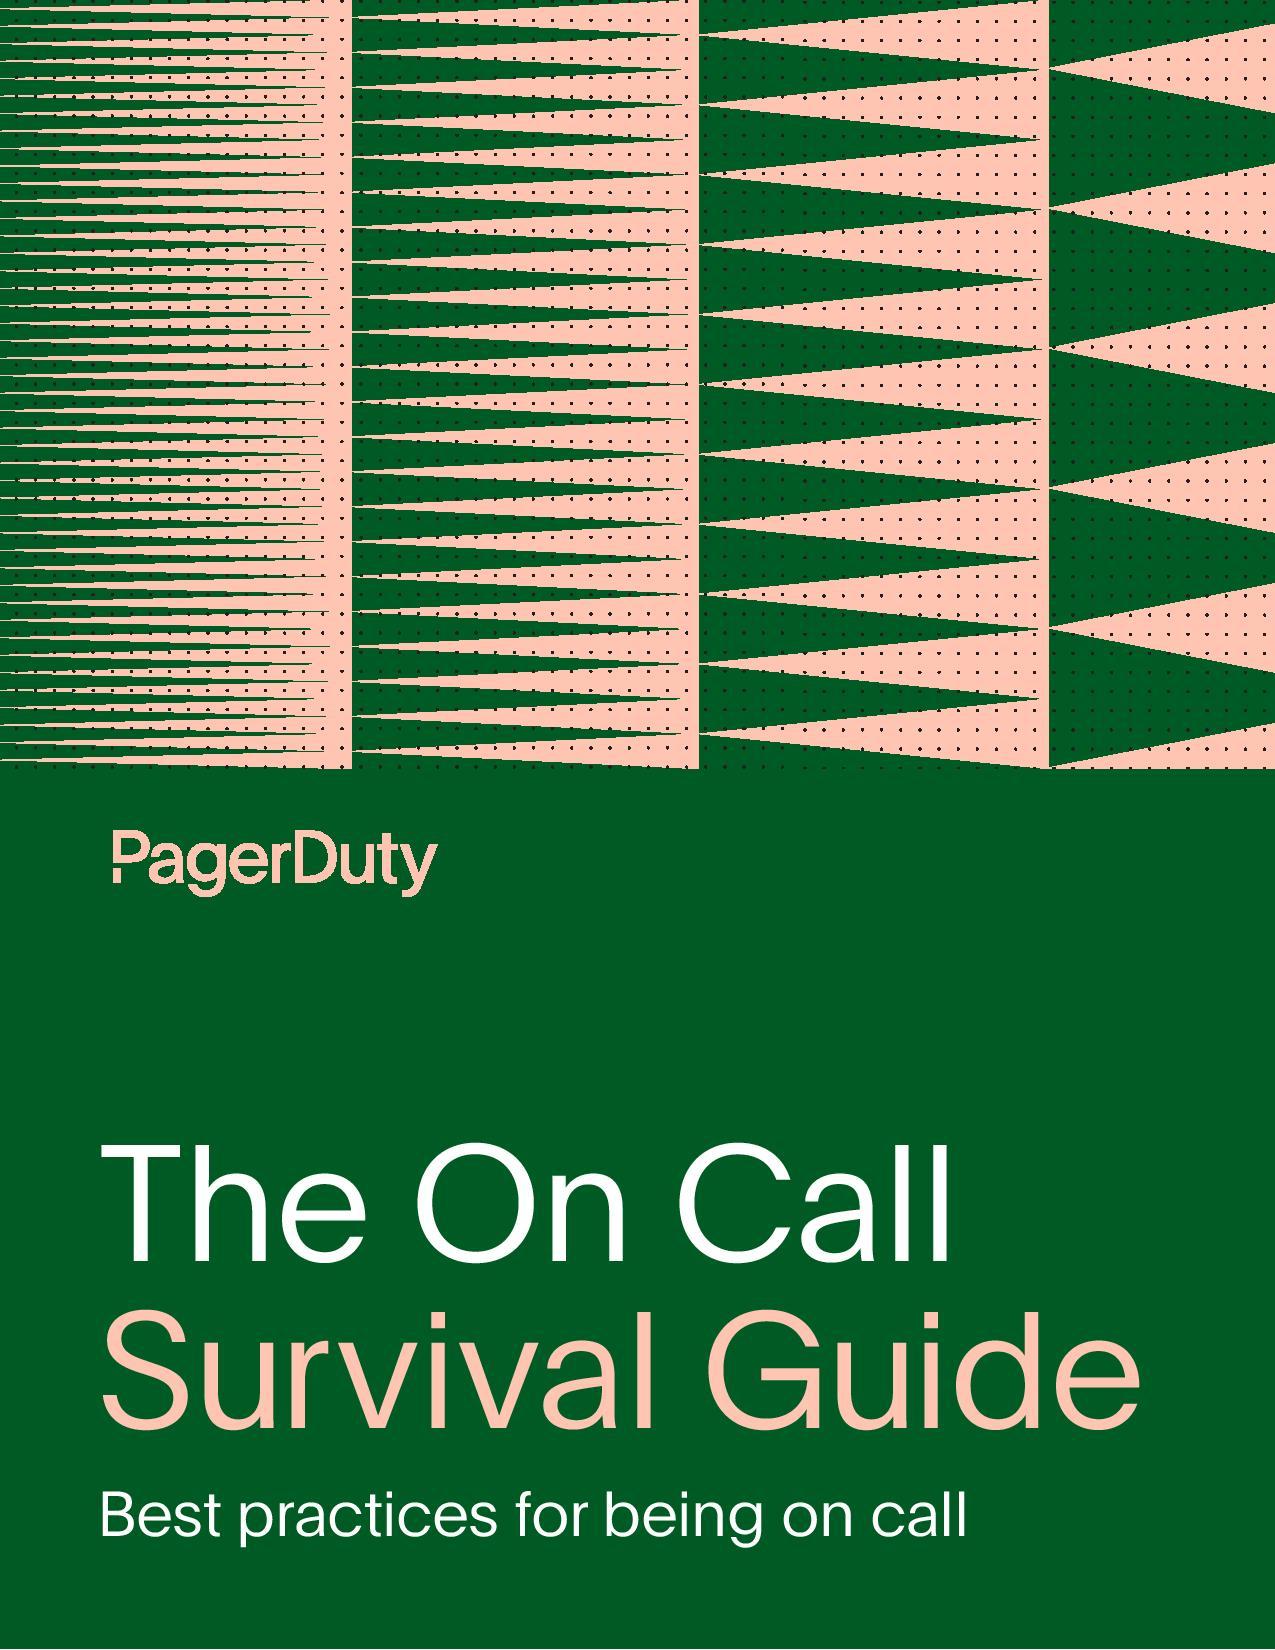 Le guide de survie du personnel d'astreinte : les meilleures pratiques pour être d'astreinte